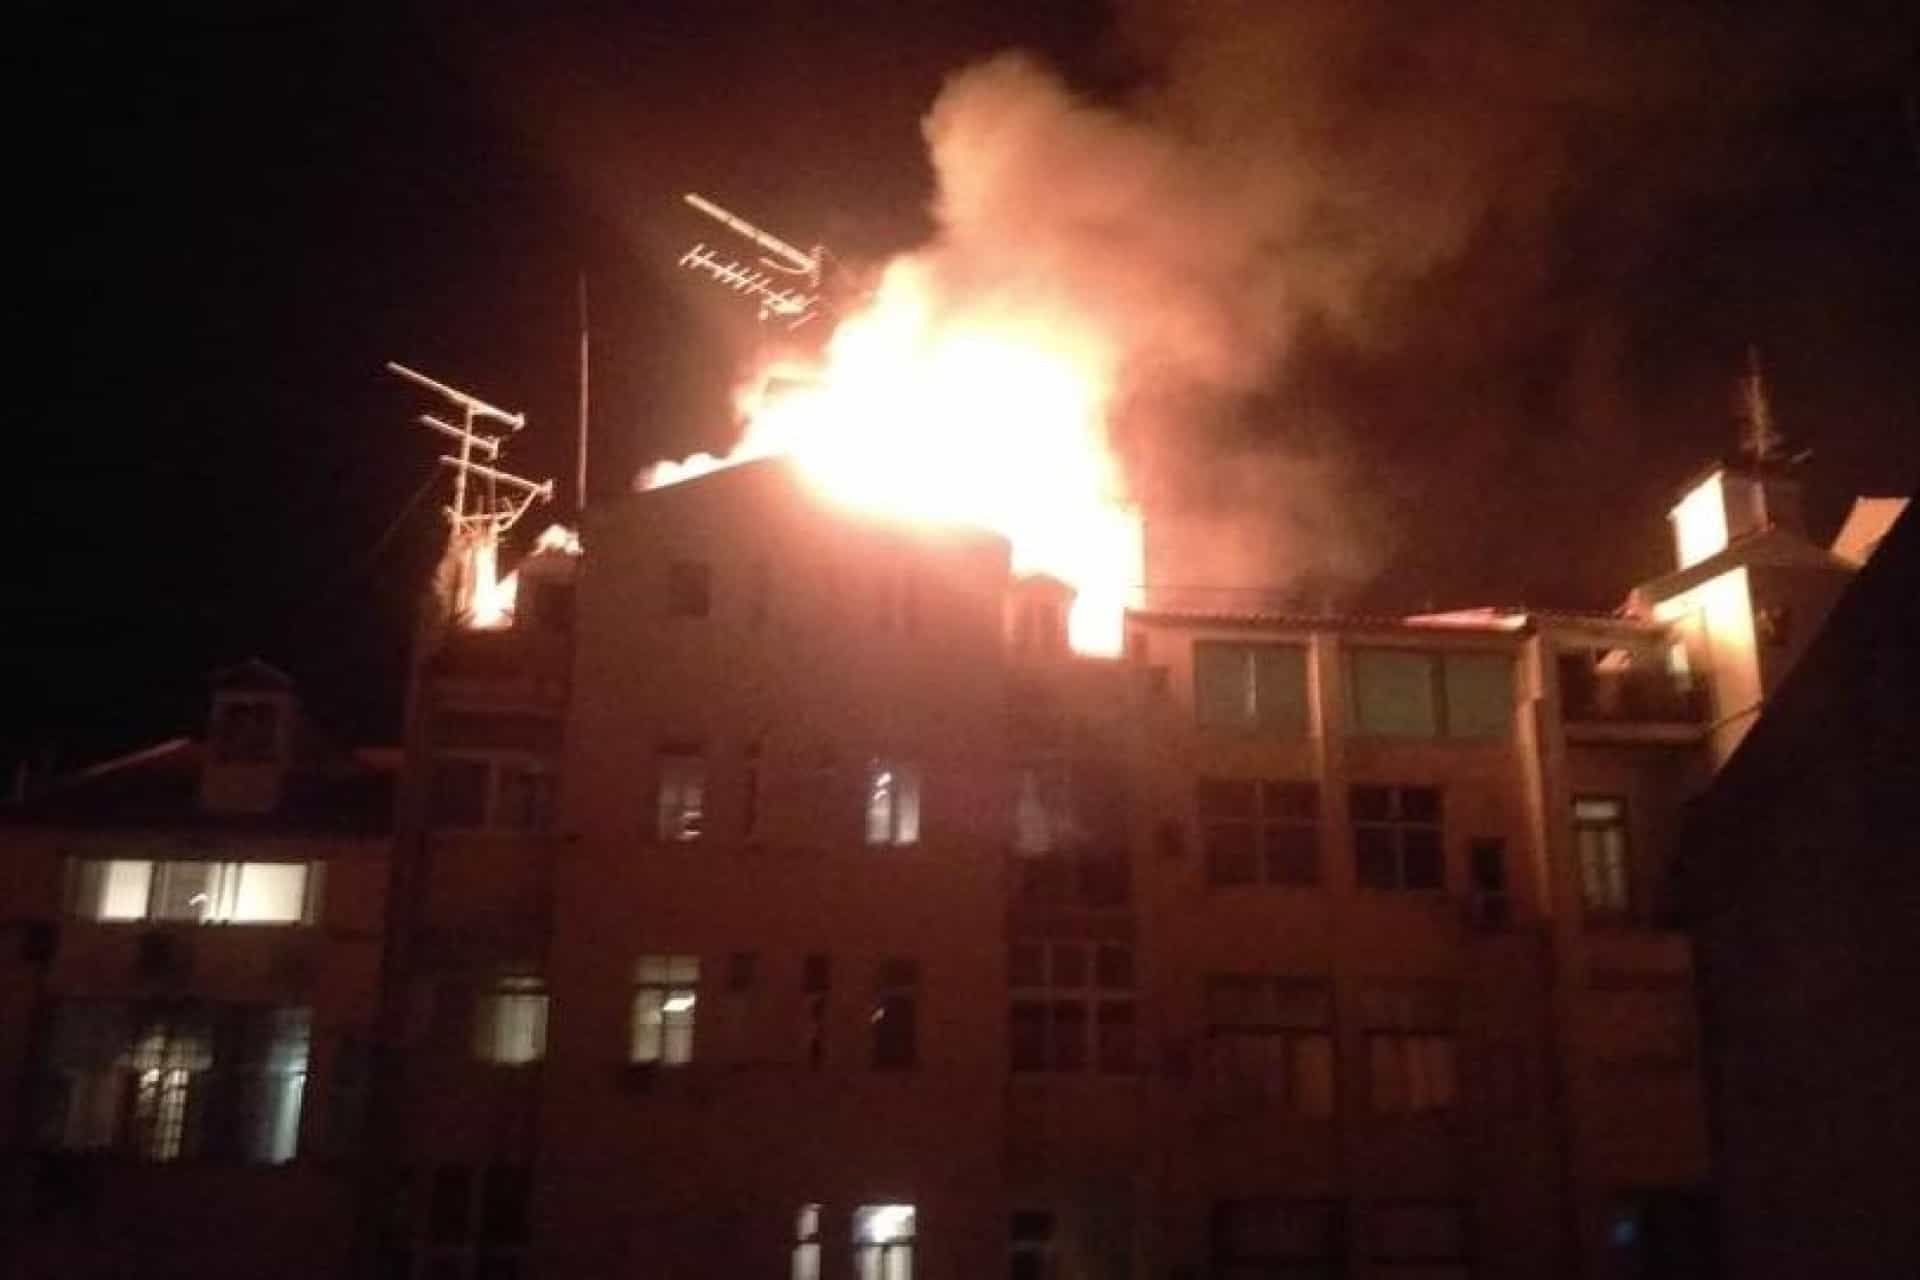 Incêndio deflagrou em prédio em Lisboa. Não há feridos